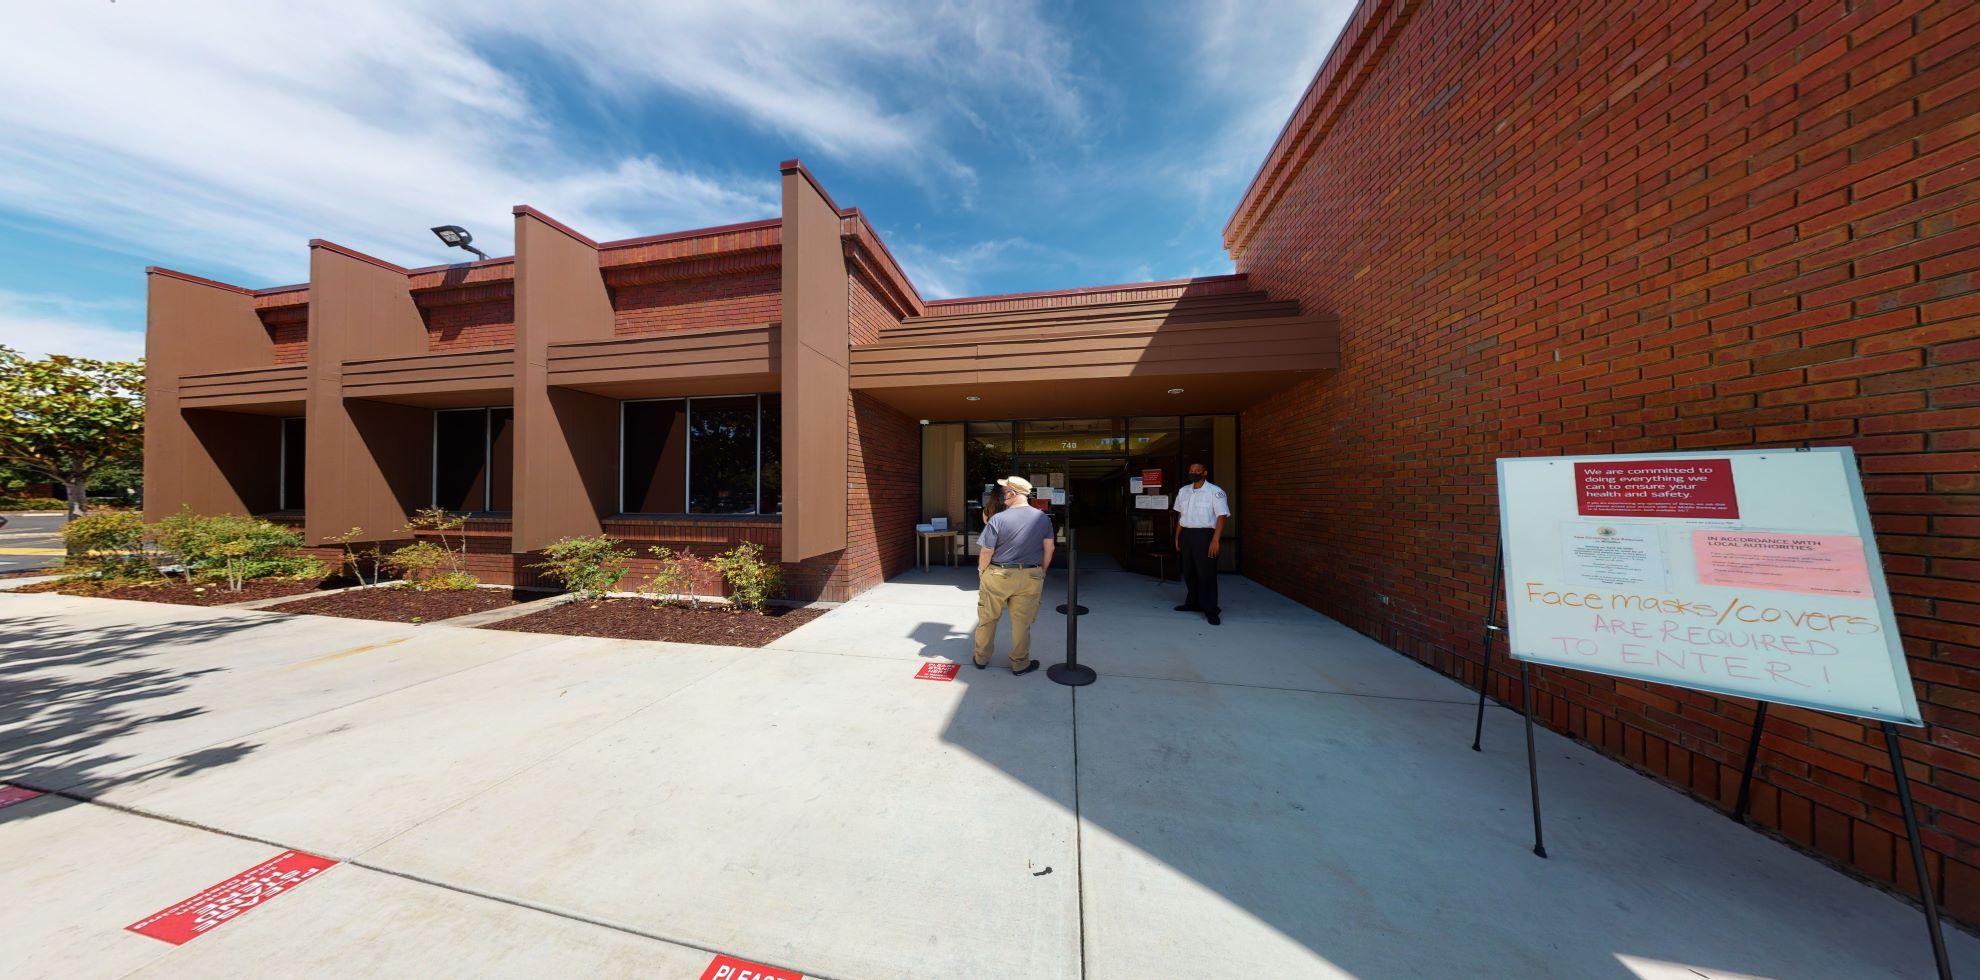 Bank of America financial center with walk-up ATM | 740 E Calaveras Blvd, Milpitas, CA 95035